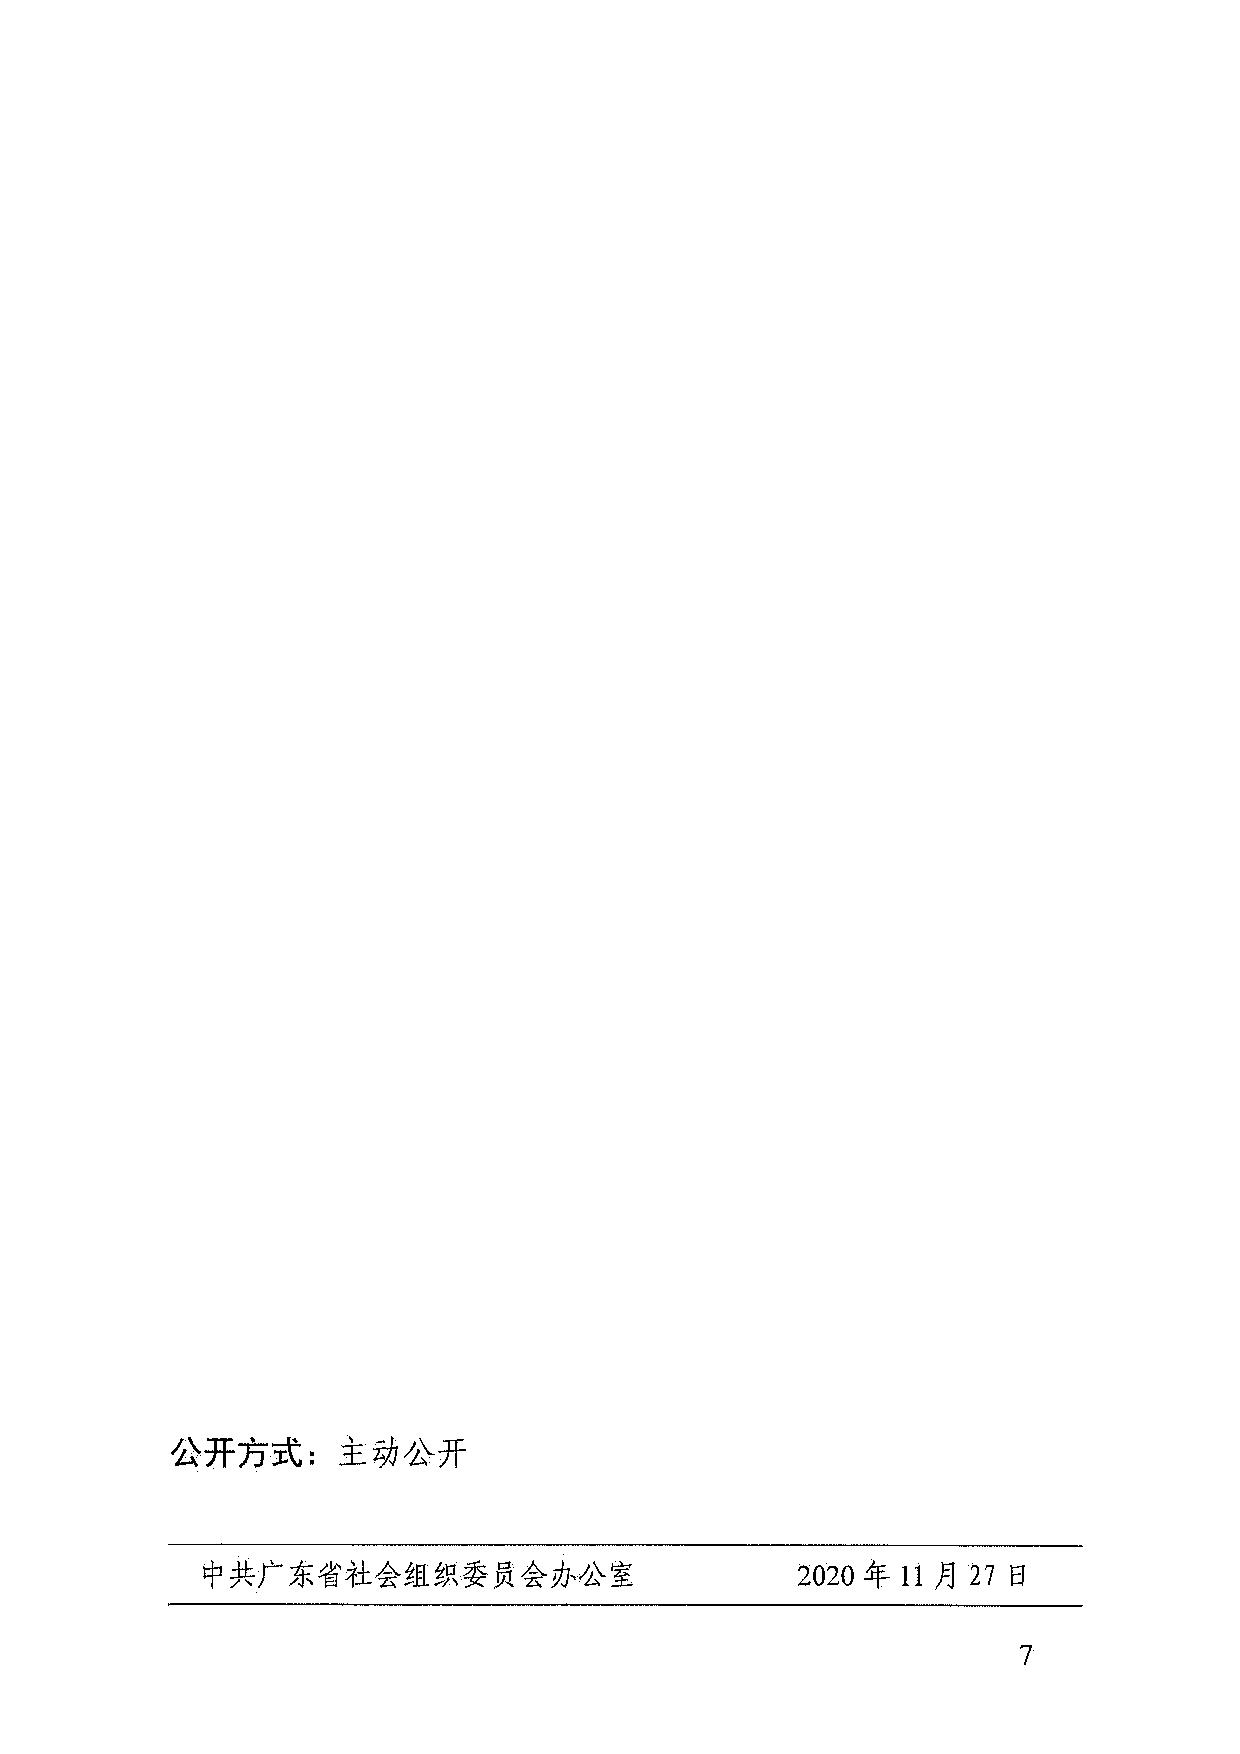 广东省社会组织党委关于招募选任全省性社会组织党建指导员的通知(1)_7.png